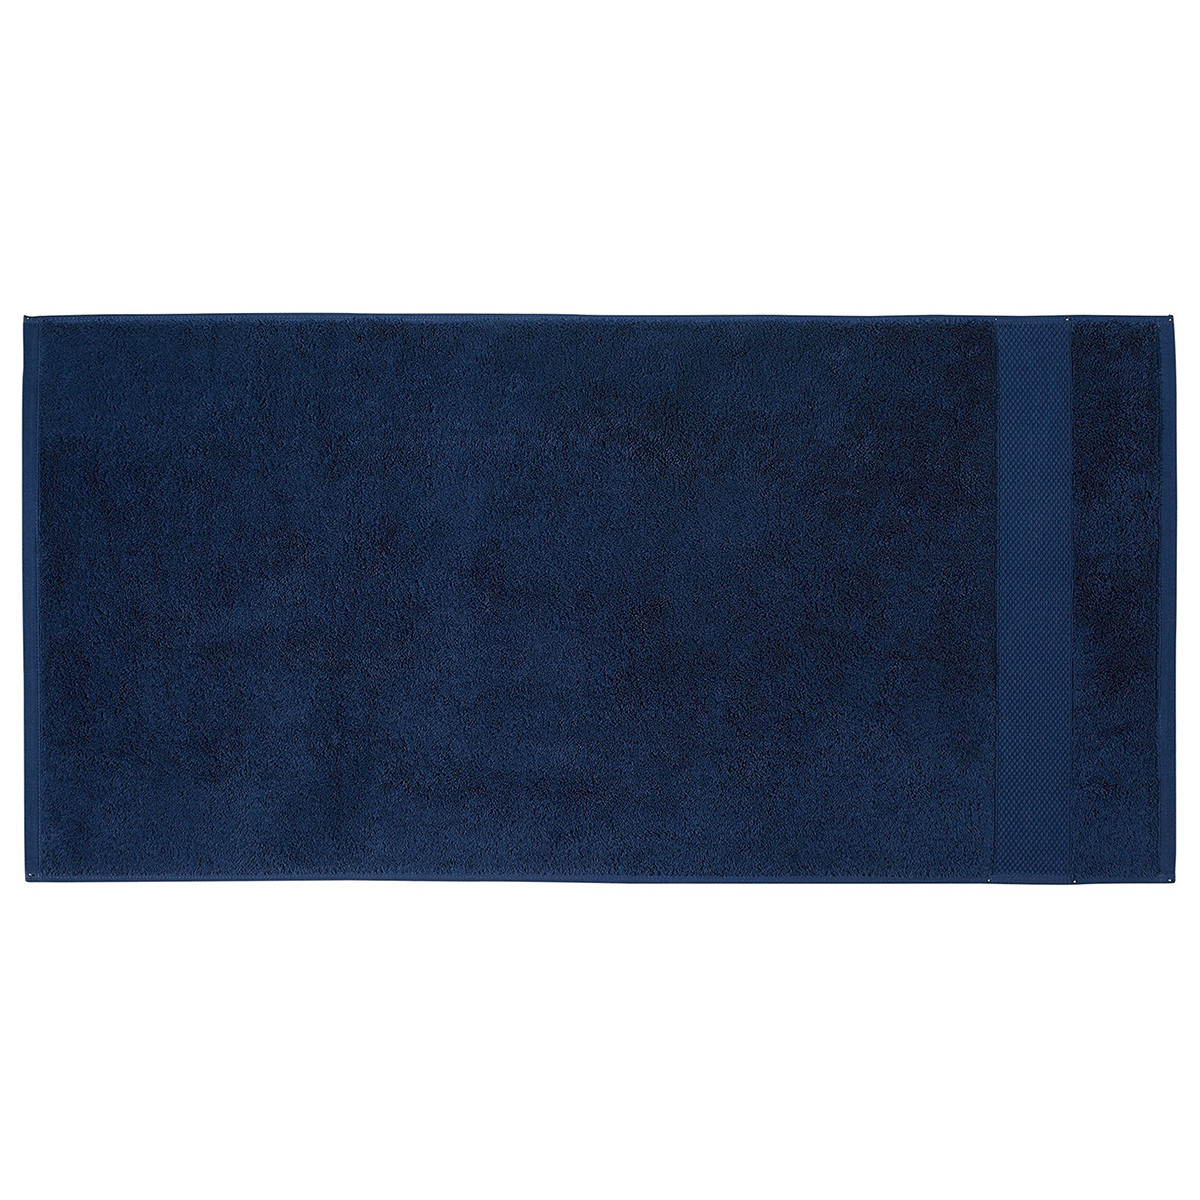 Drap de douche coton 70x140 cm bleuet